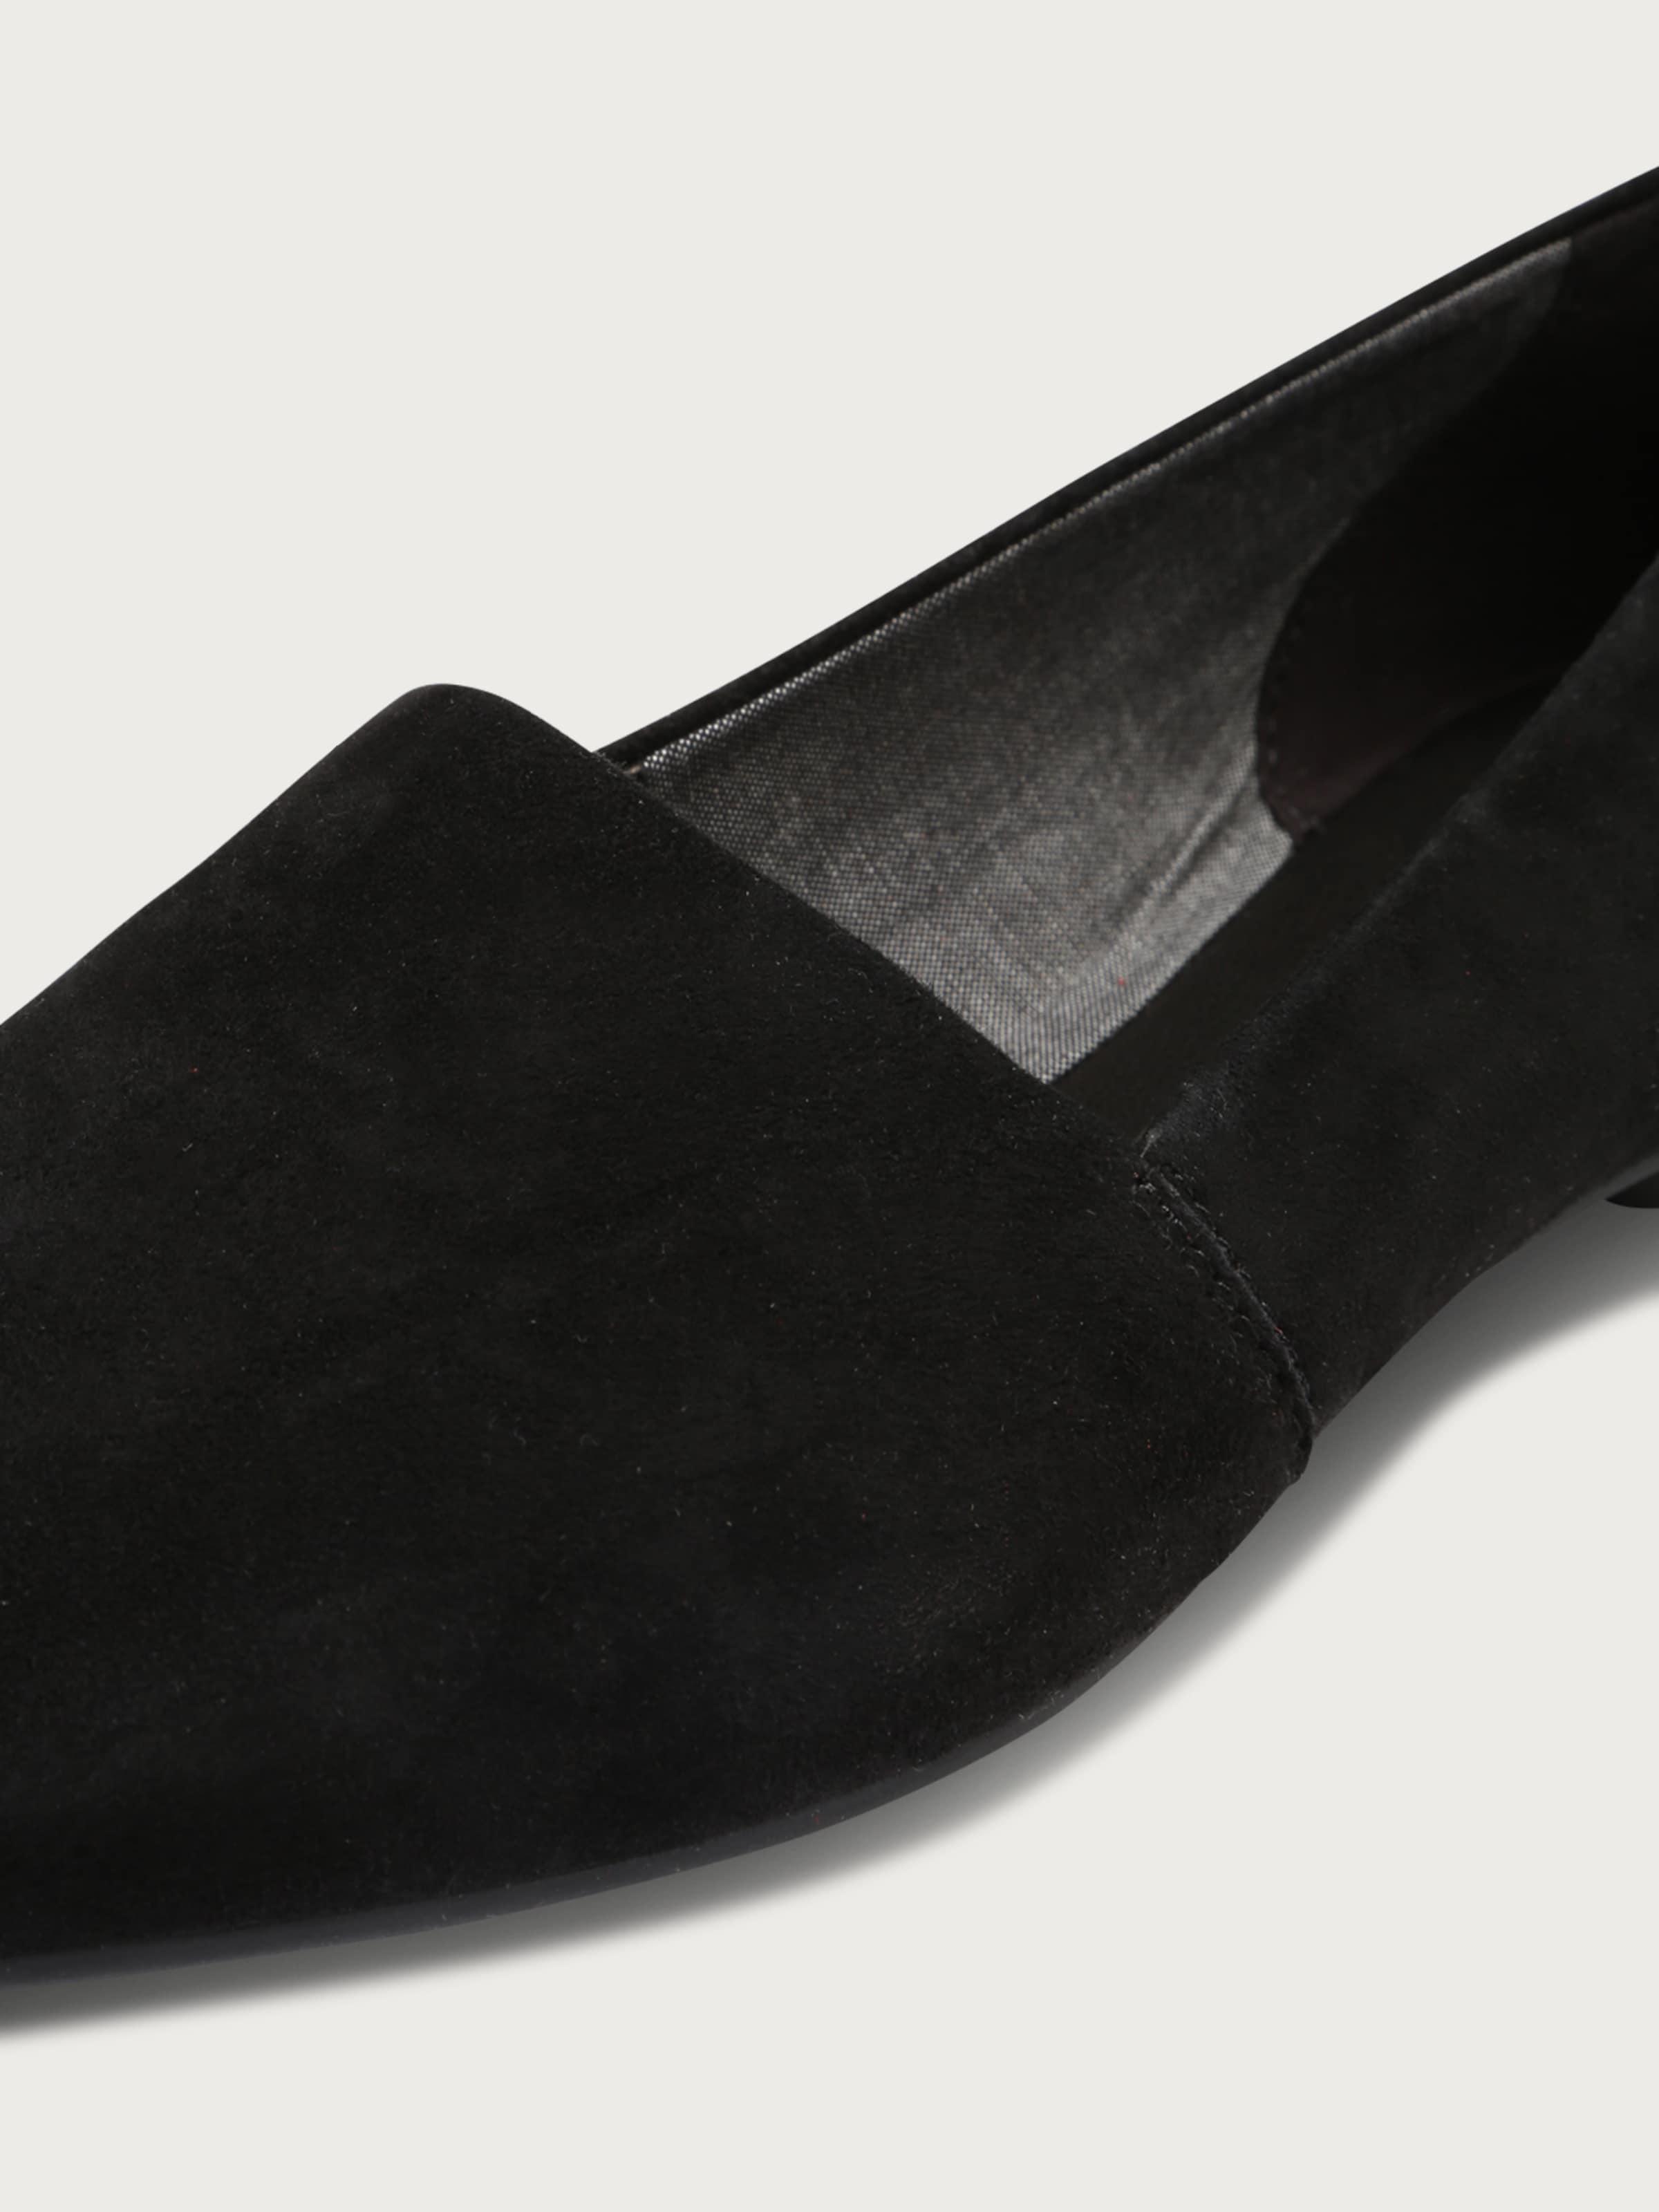 Rabatt Authentisch VAGABOND SHOEMAKERS Slipper 'Sandy' Großhandelspreis Günstig Online Verkauf Brandneue Unisex Online-Bilder Verkauf Billig Verkauf Angebote wA3vzBKQt